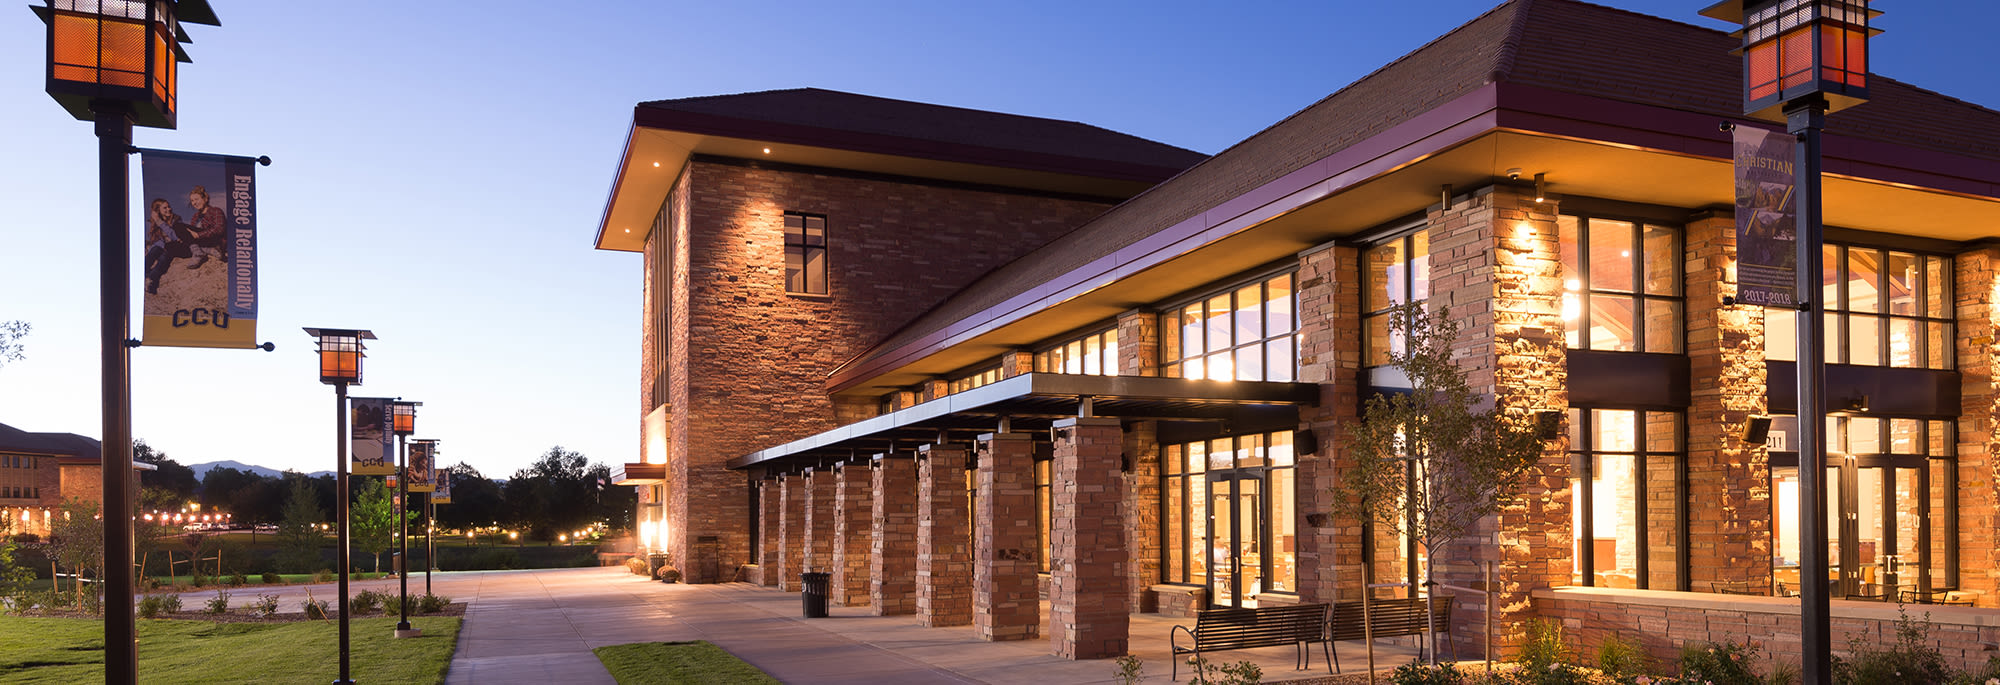 Anschutz Student Center at CCU